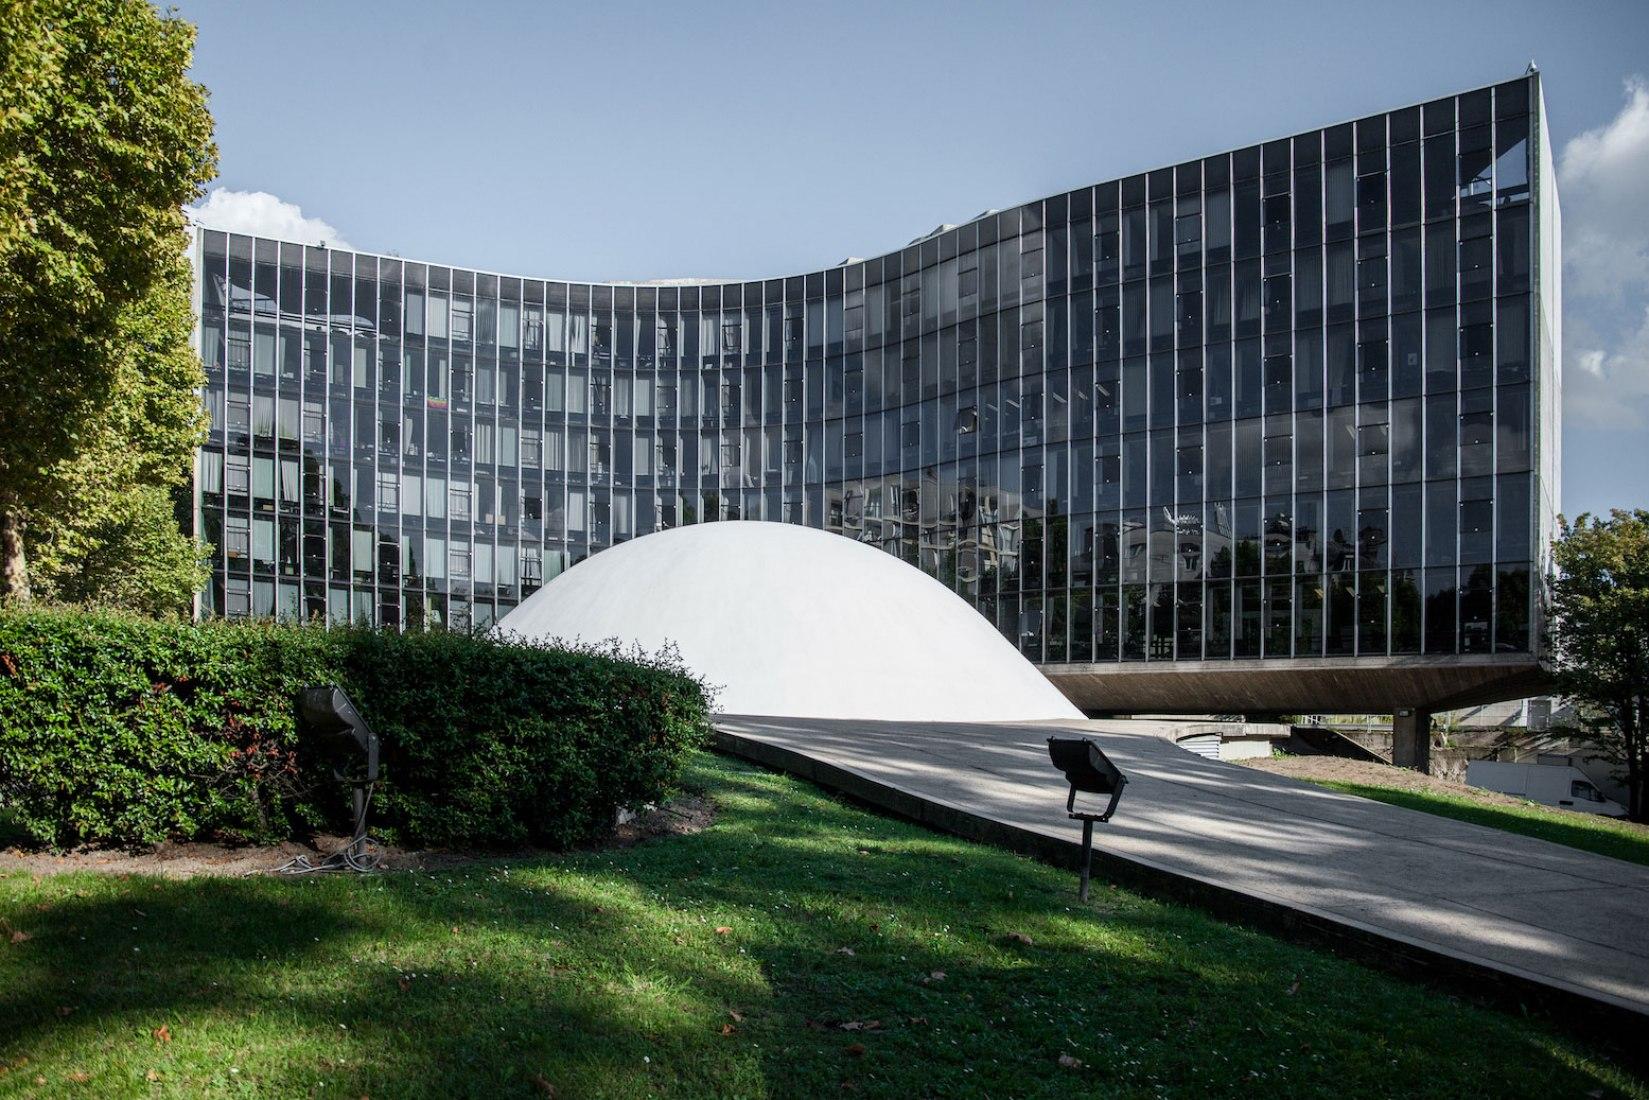 Vista exterior. Sede del Partido Comunista de Oscar Niemeyer. Fotografía © Denis Esakov